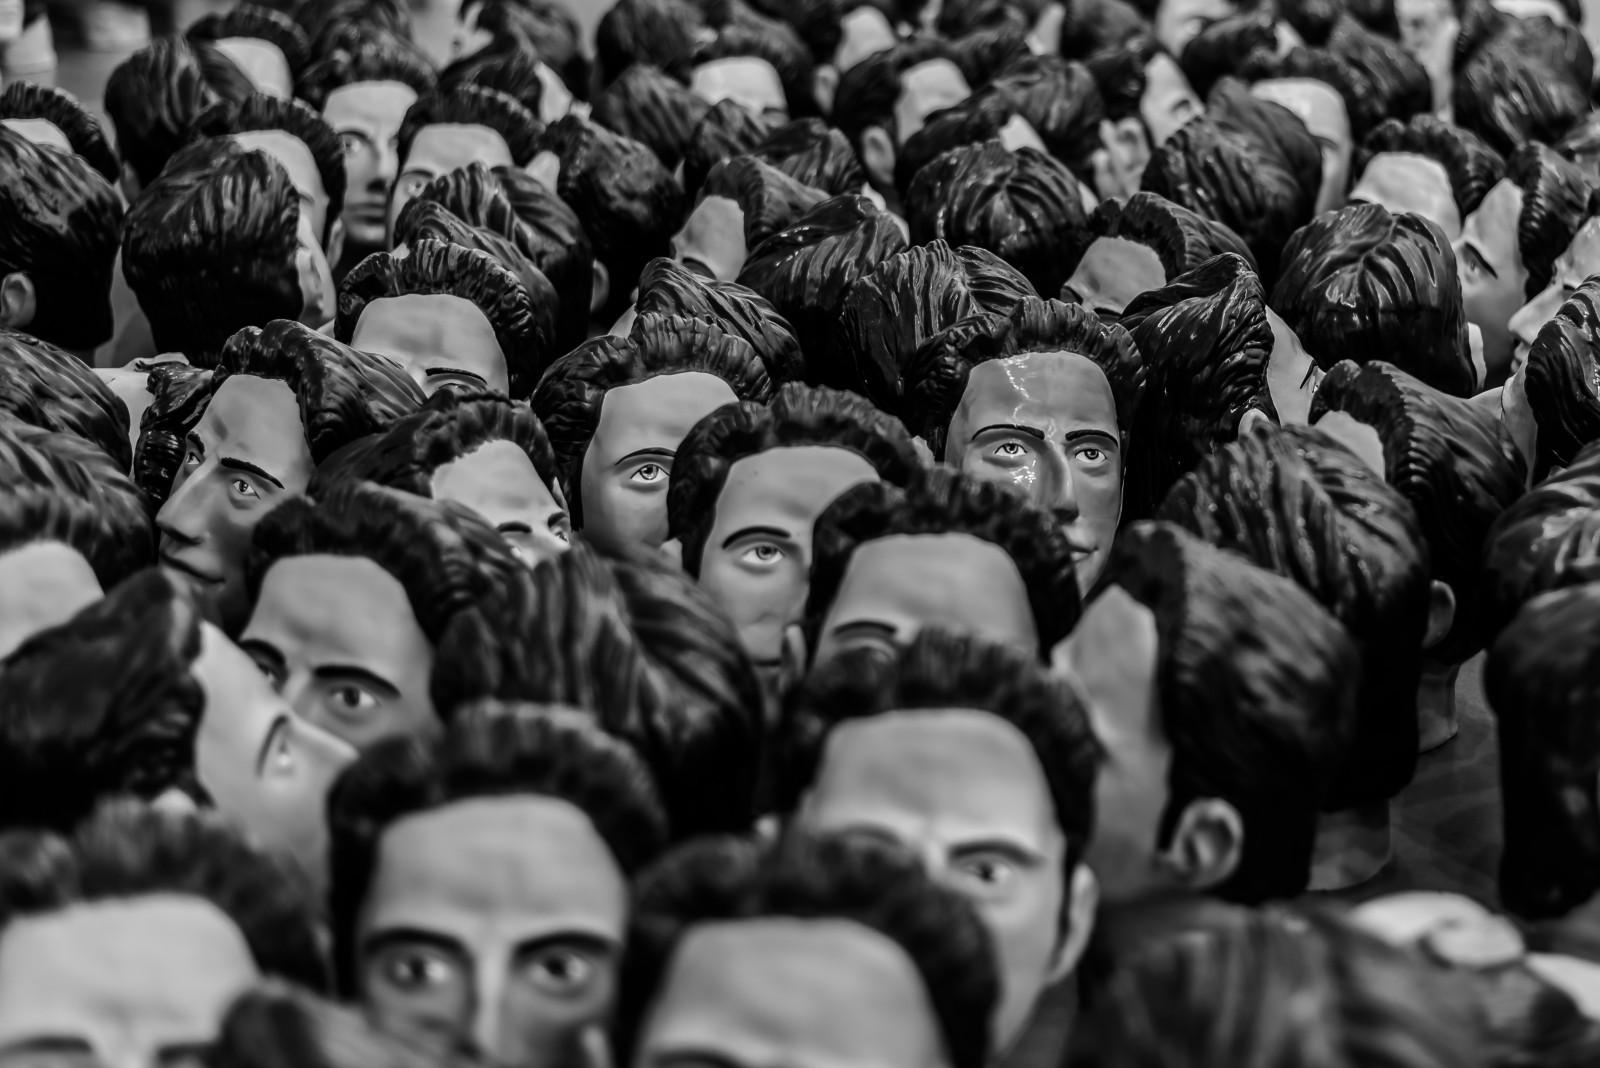 Толпа черных на одну белую